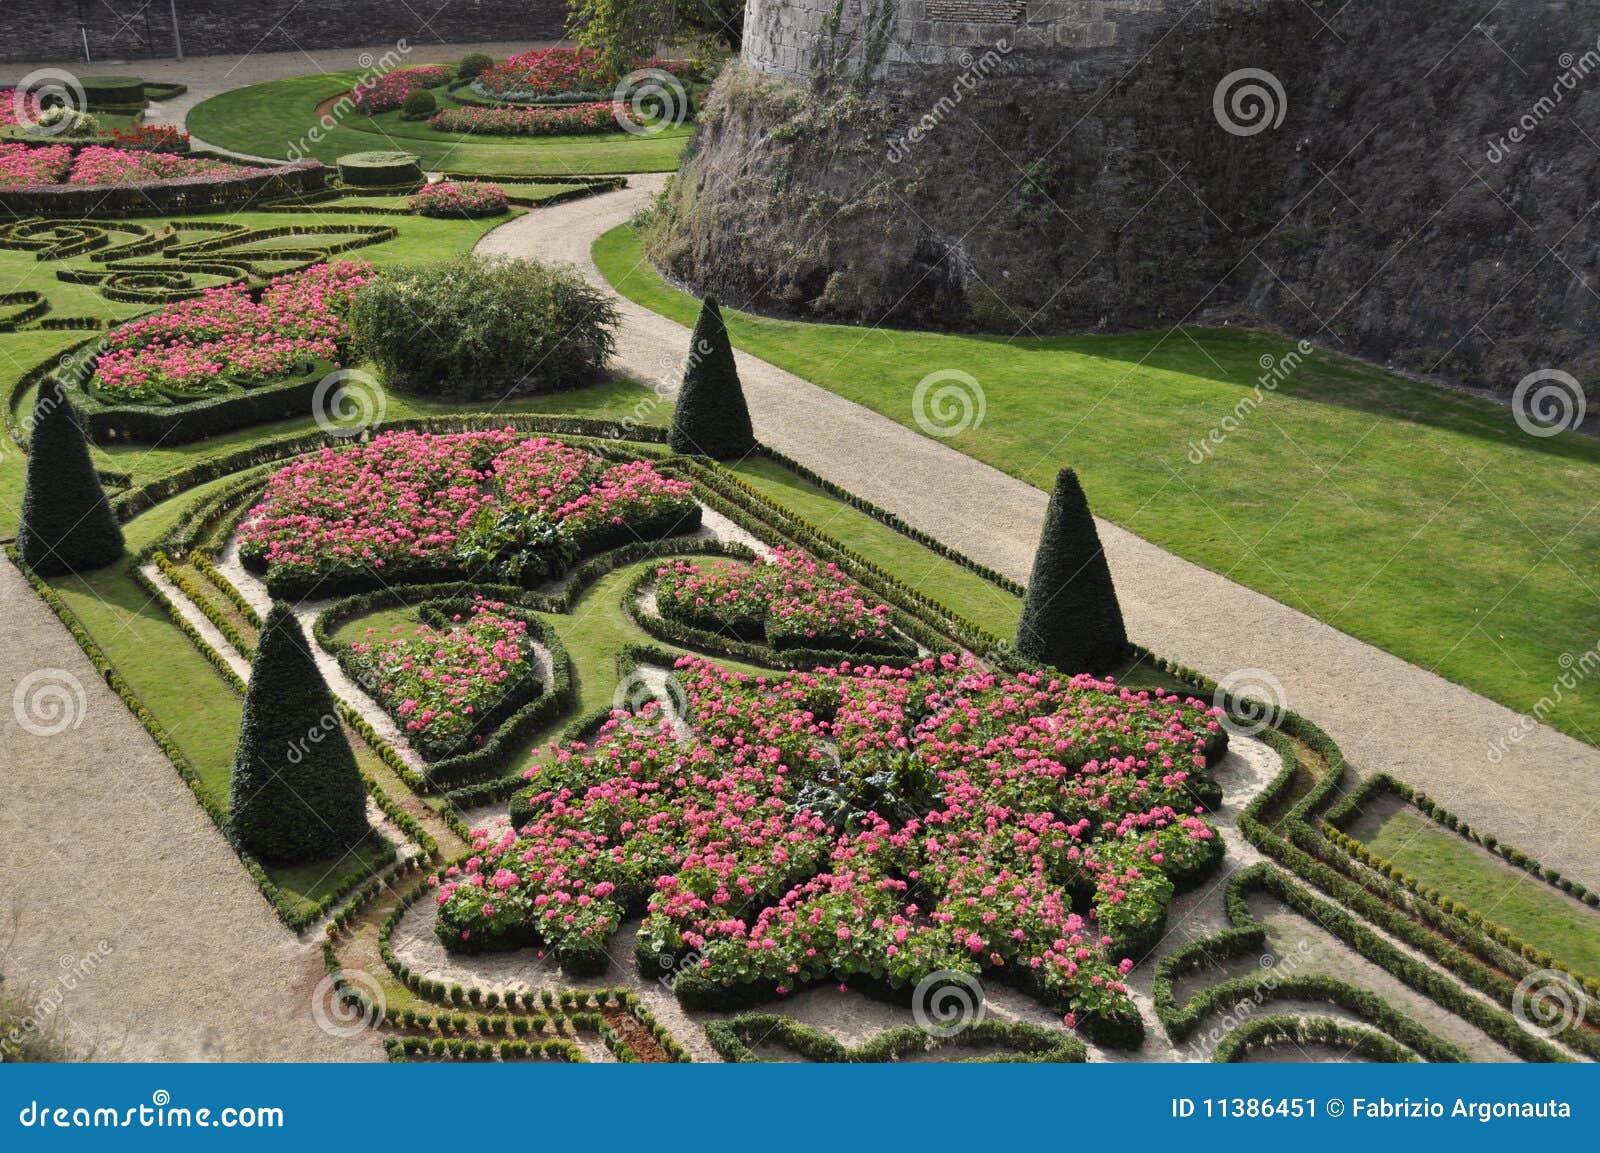 天线激怒背景城堡花圃法国庭院环境美化的loire valley视图.图片